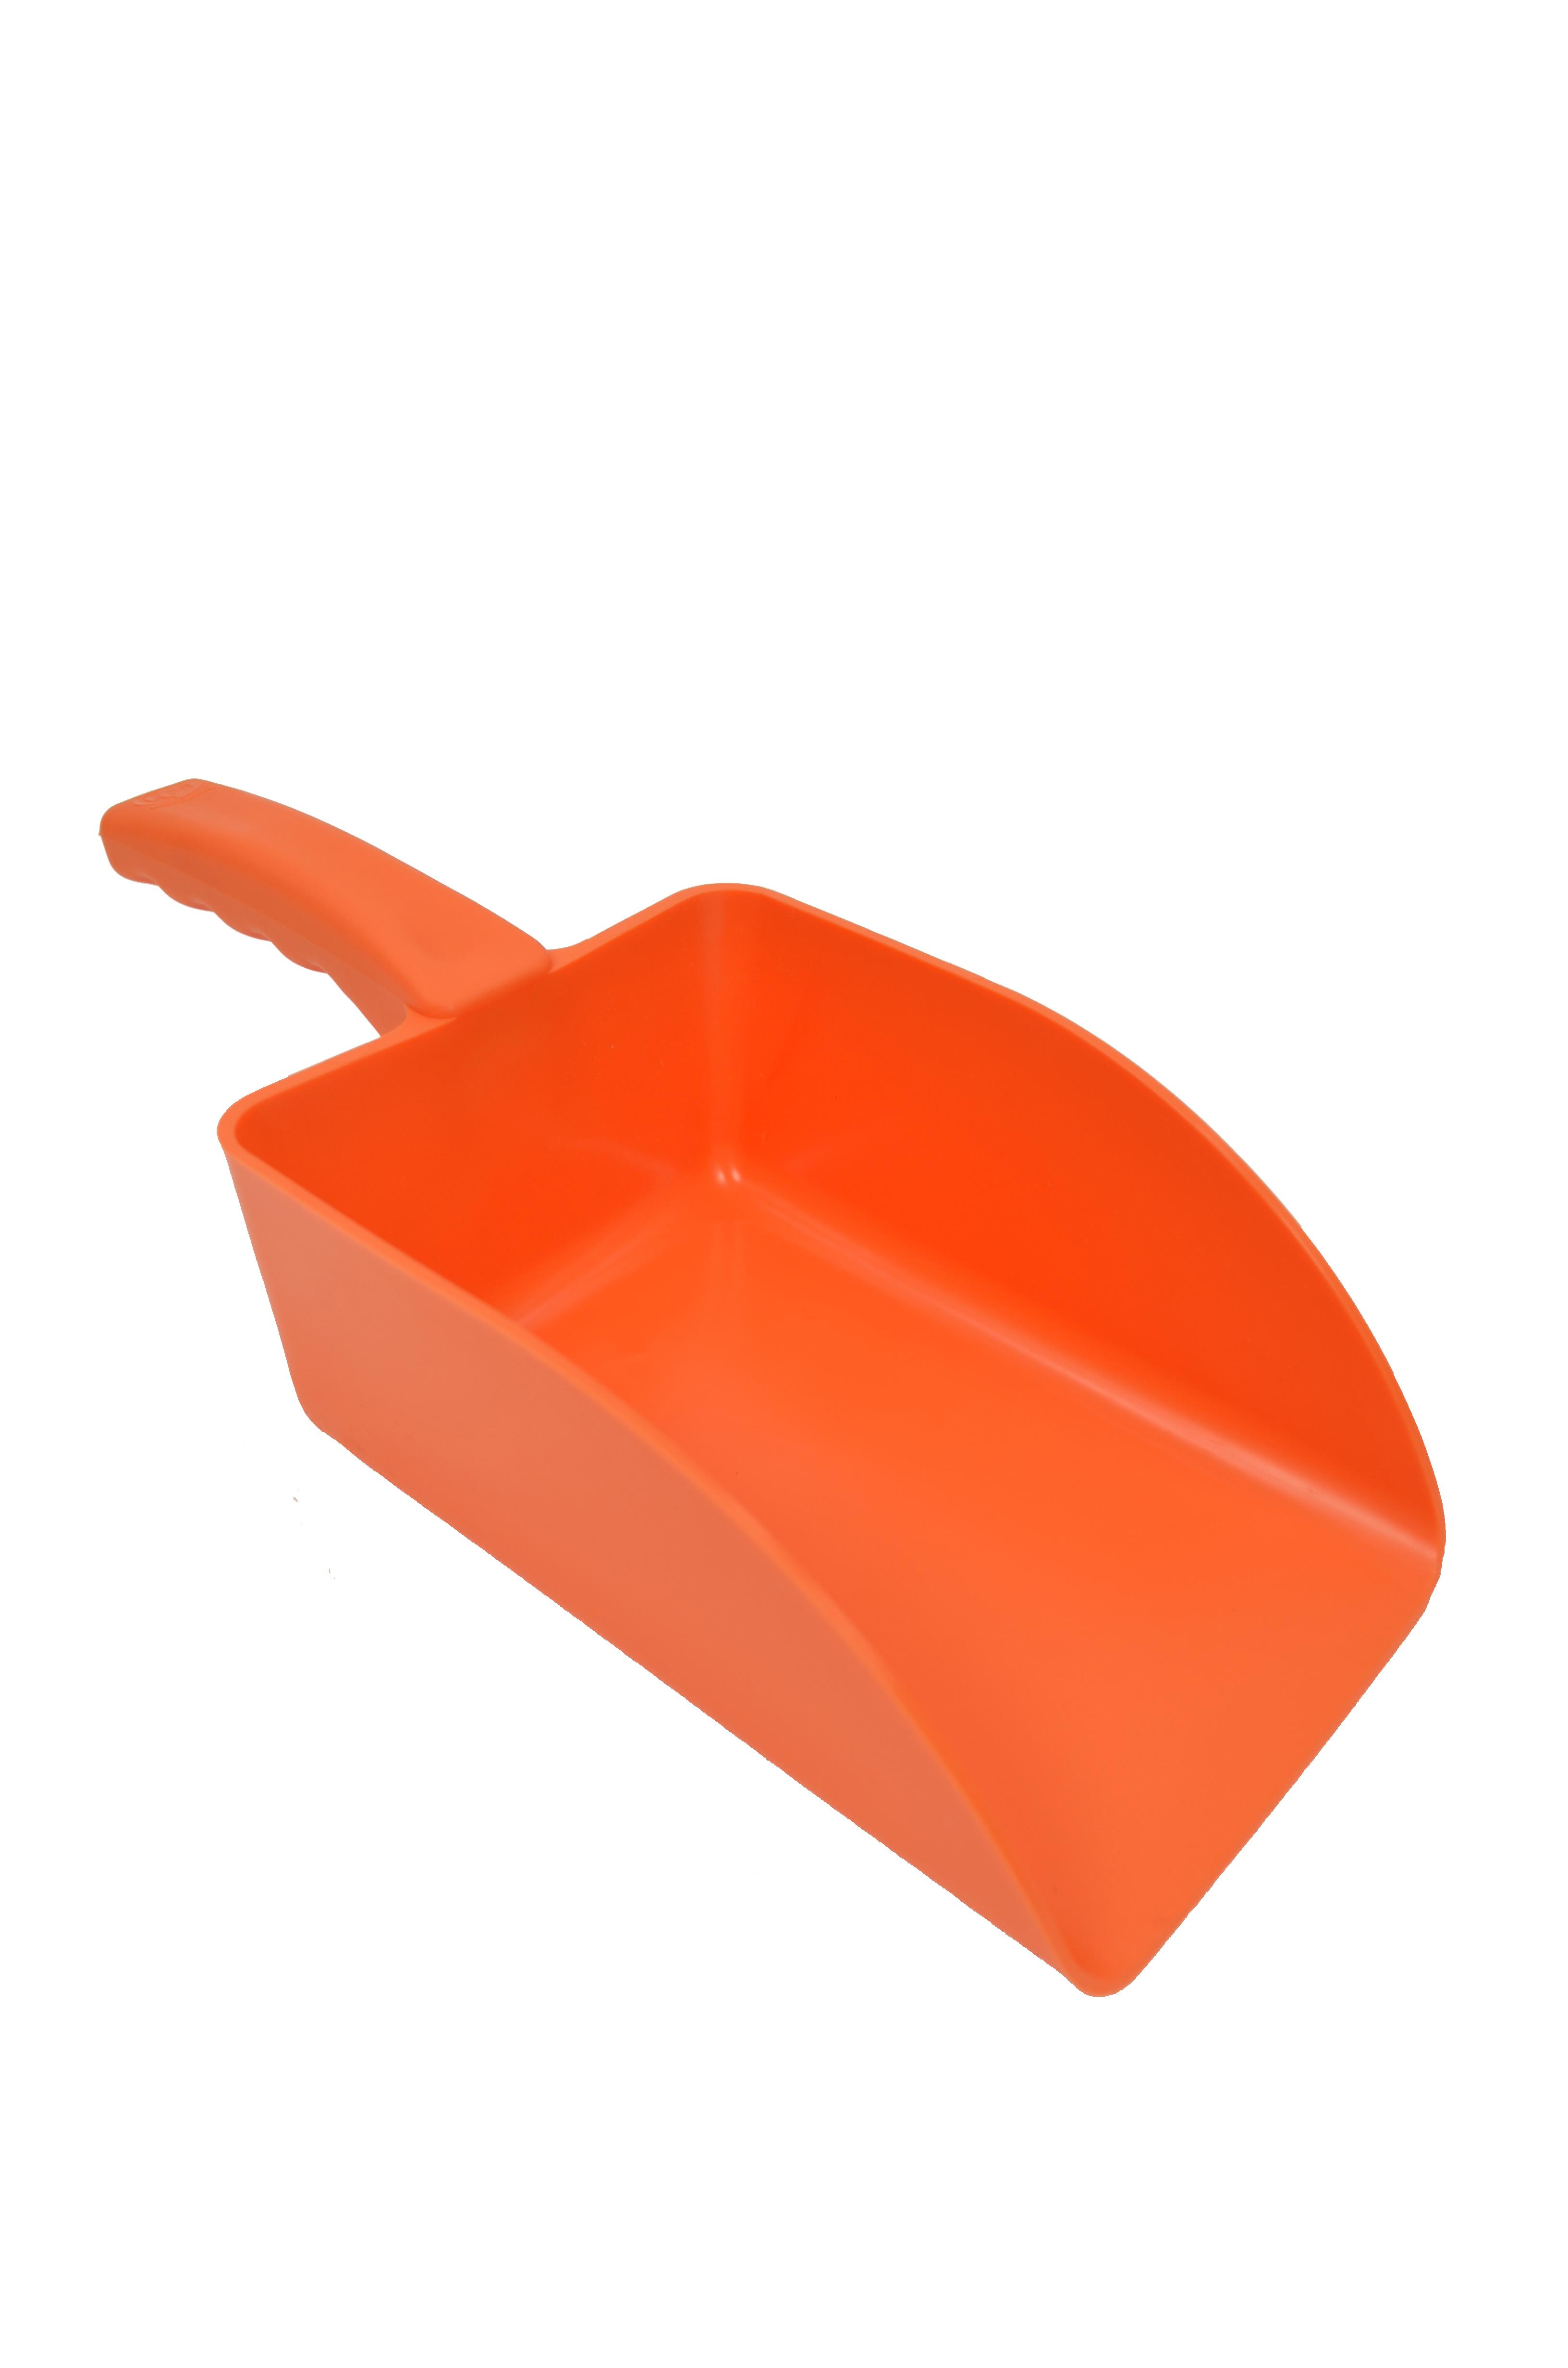 Large Hand Scoop - 3Kg Orange Plastic 039/052245